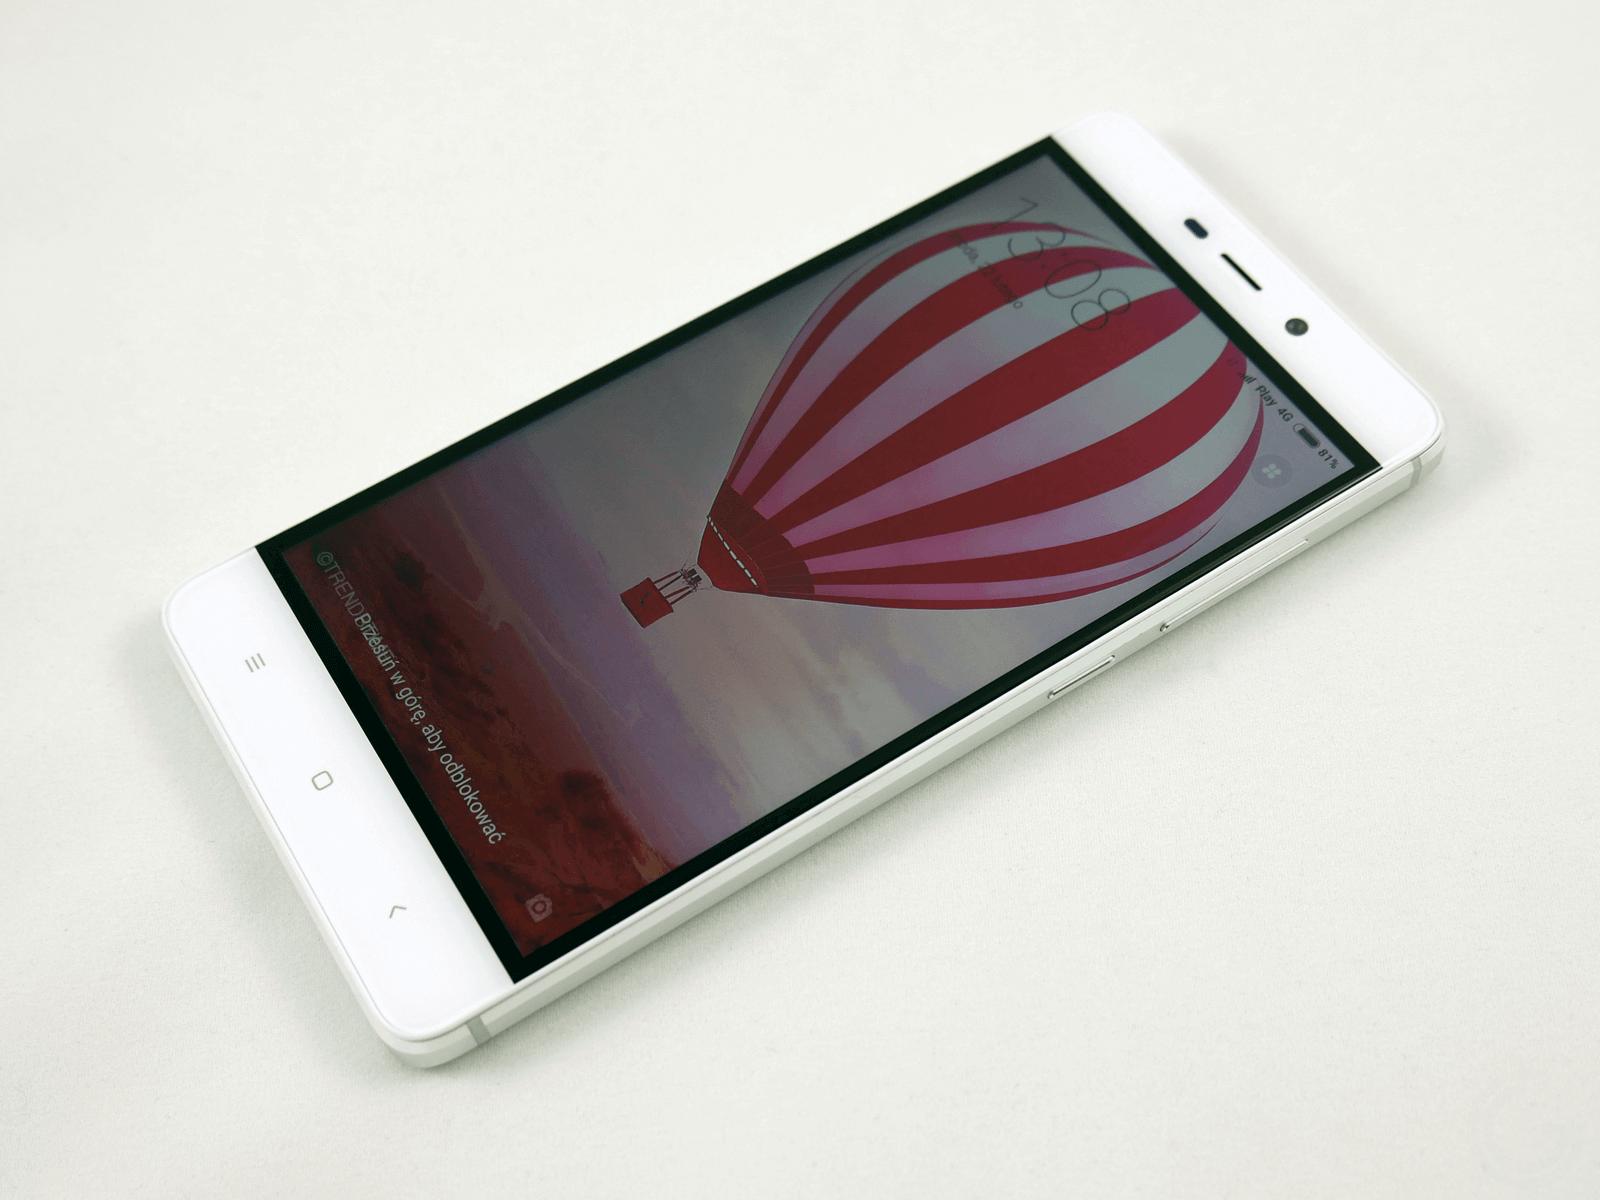 Pod ekranem widać trzy charakterystyczne dla Xiaomi przyciski systemowe Patrząc od prawej strony jest to skr³t do ostatnio otwartych aplikacji i ustawień